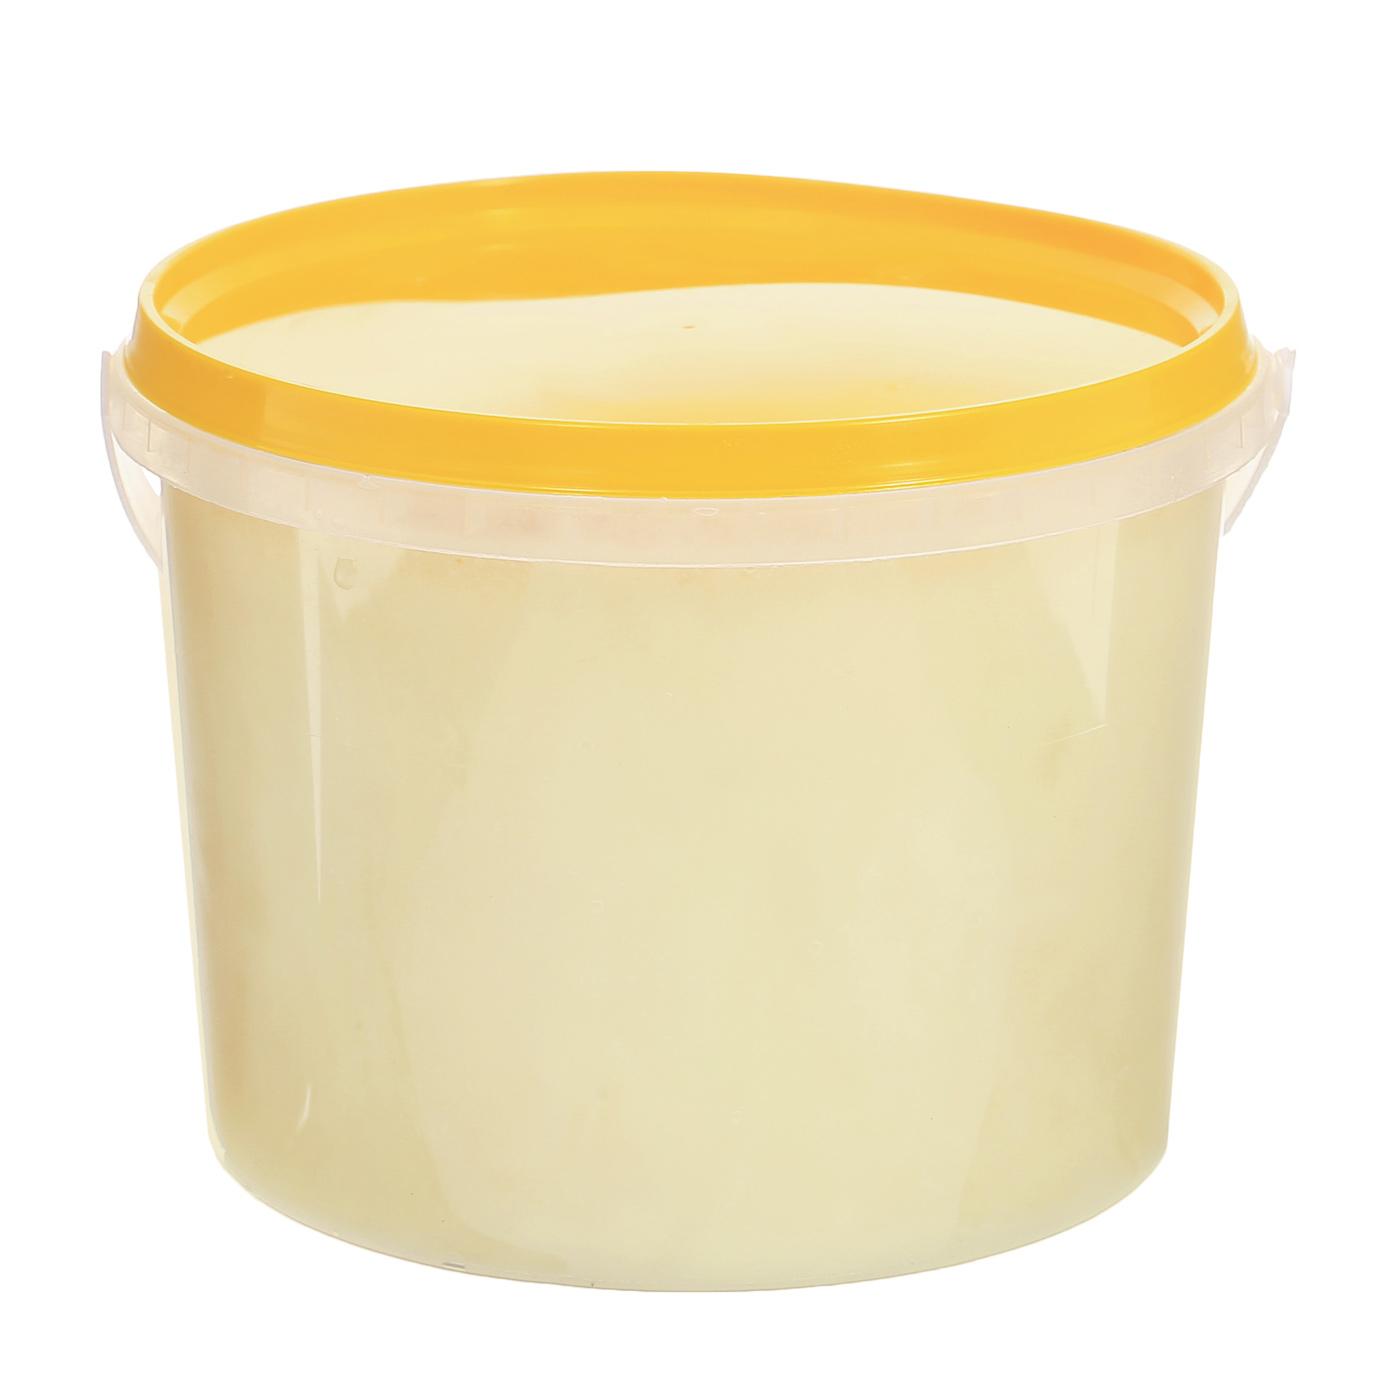 Мед натуральный Медовед Липовый башкирский 1 кг мед дикий мед башкирский цветок цветочный 600 г